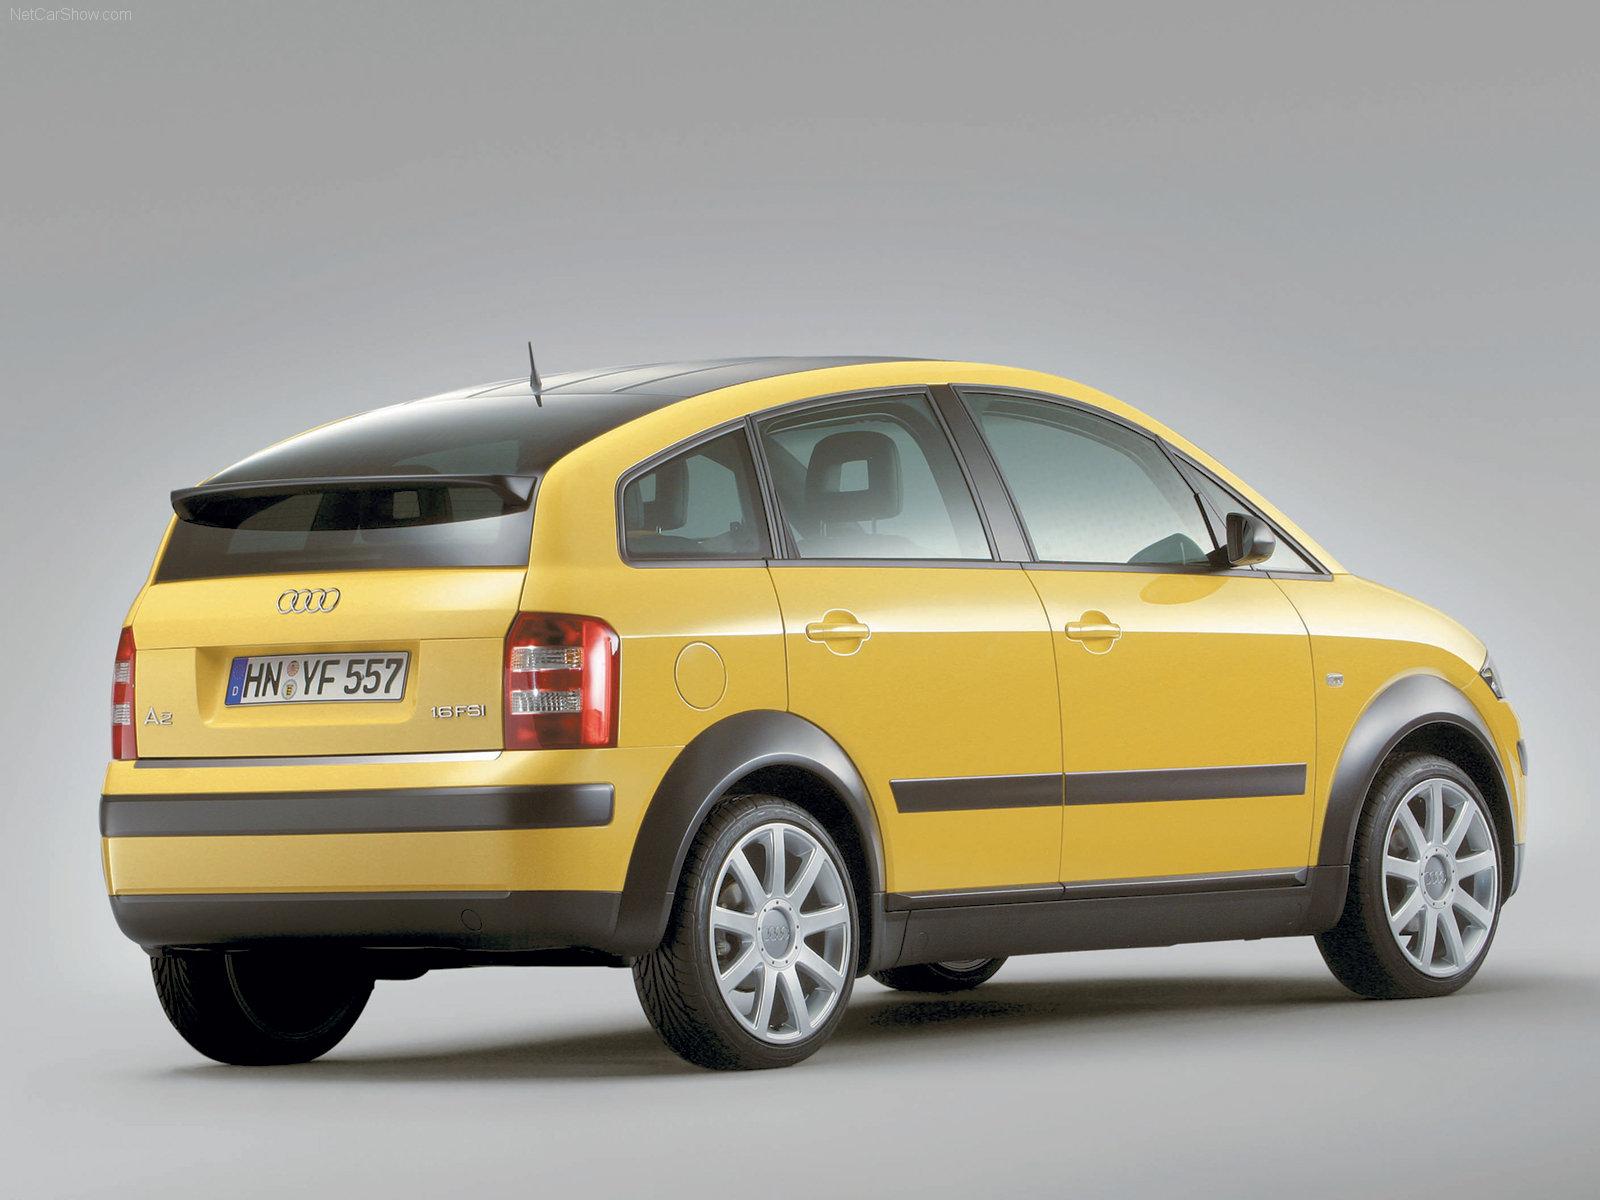 Suche nach Audi pagenstecher Deine Automeile im Netz